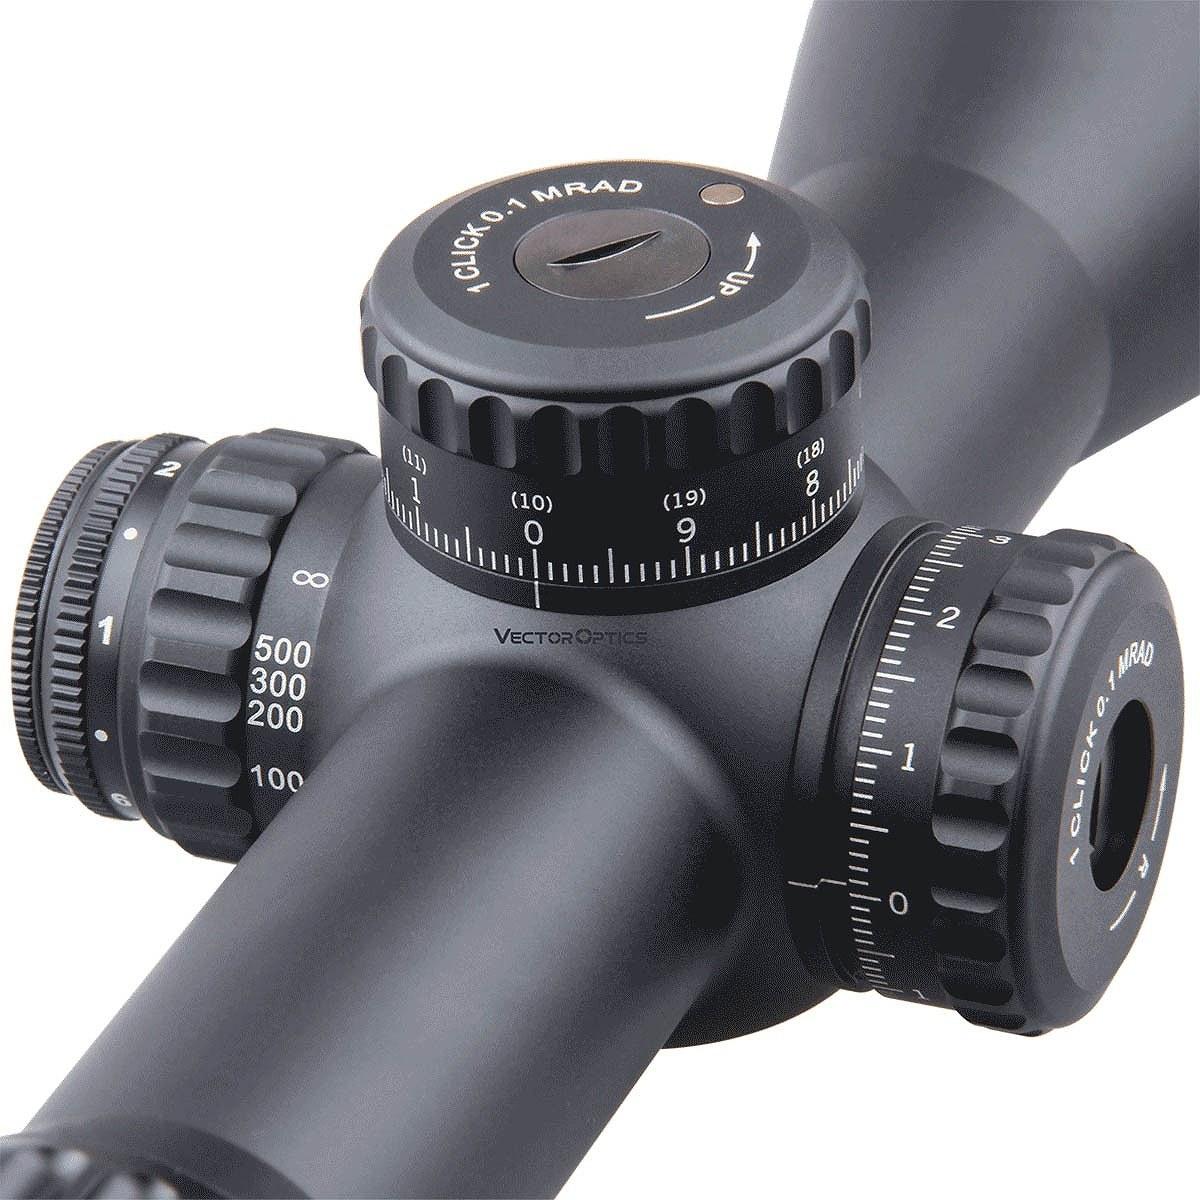 ベクターオプティクス ライフルスコープ コンチネンタル 3-18x50 FFP Vector Optics Continental 3-18x50 FFP